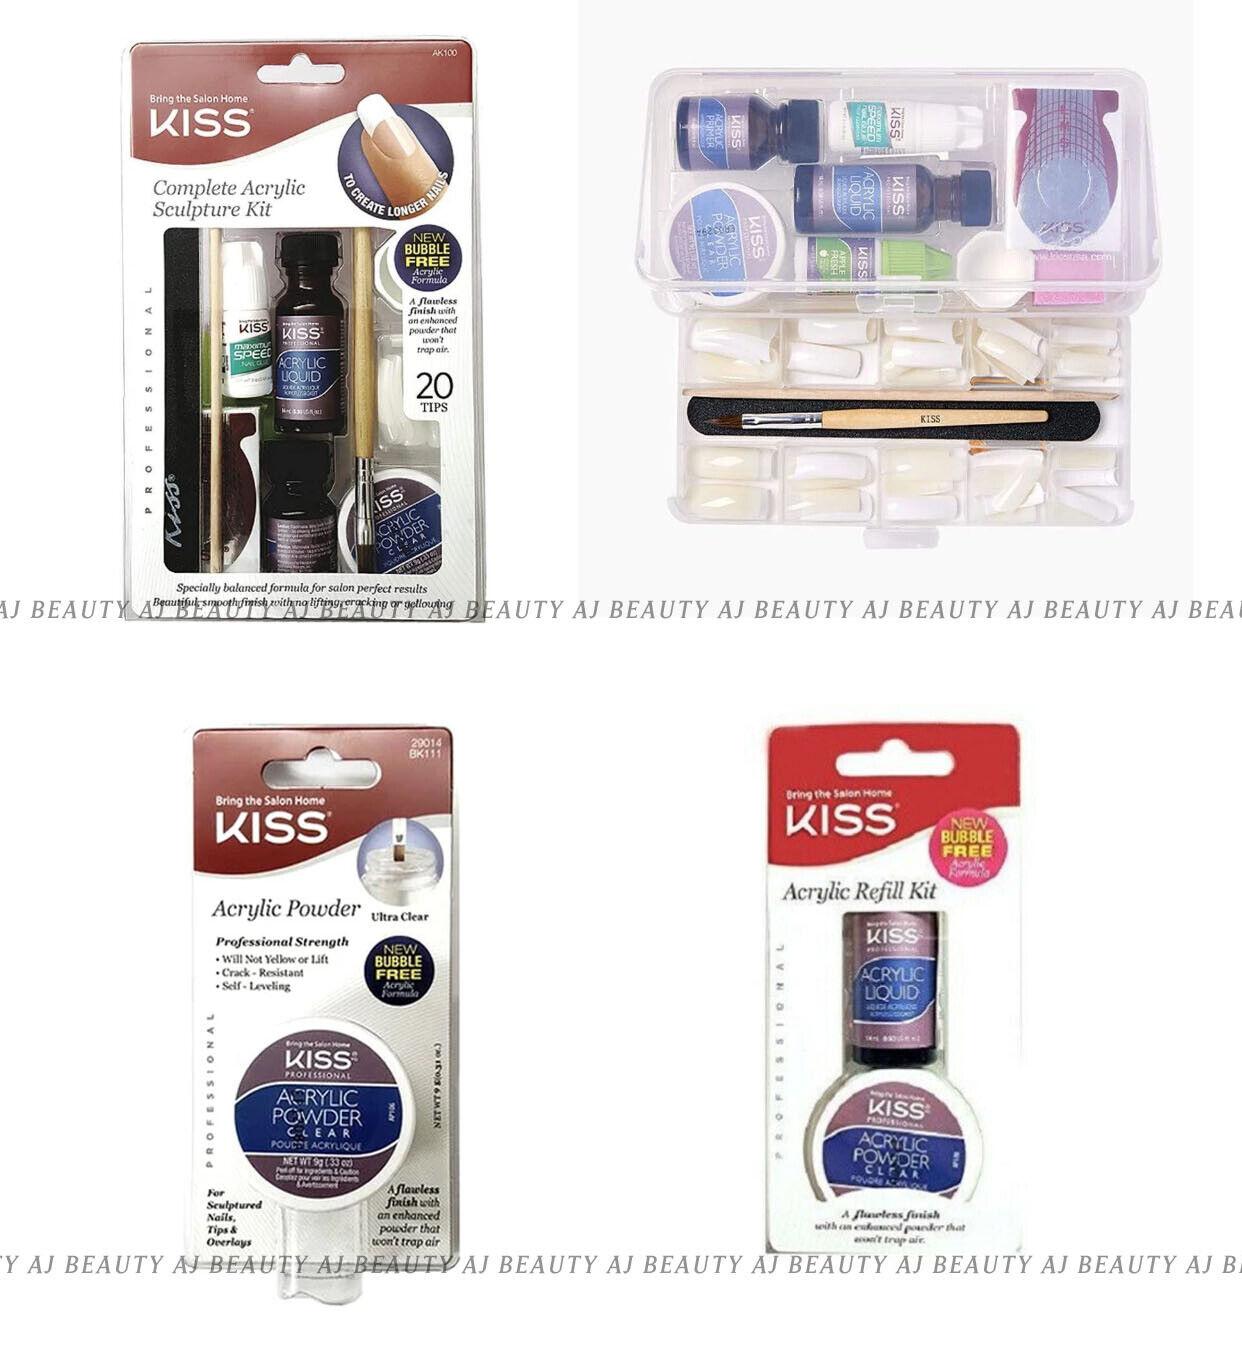 Kiss Complete Acrylic Sculpture Kit AK100 / Refill Kit AK300